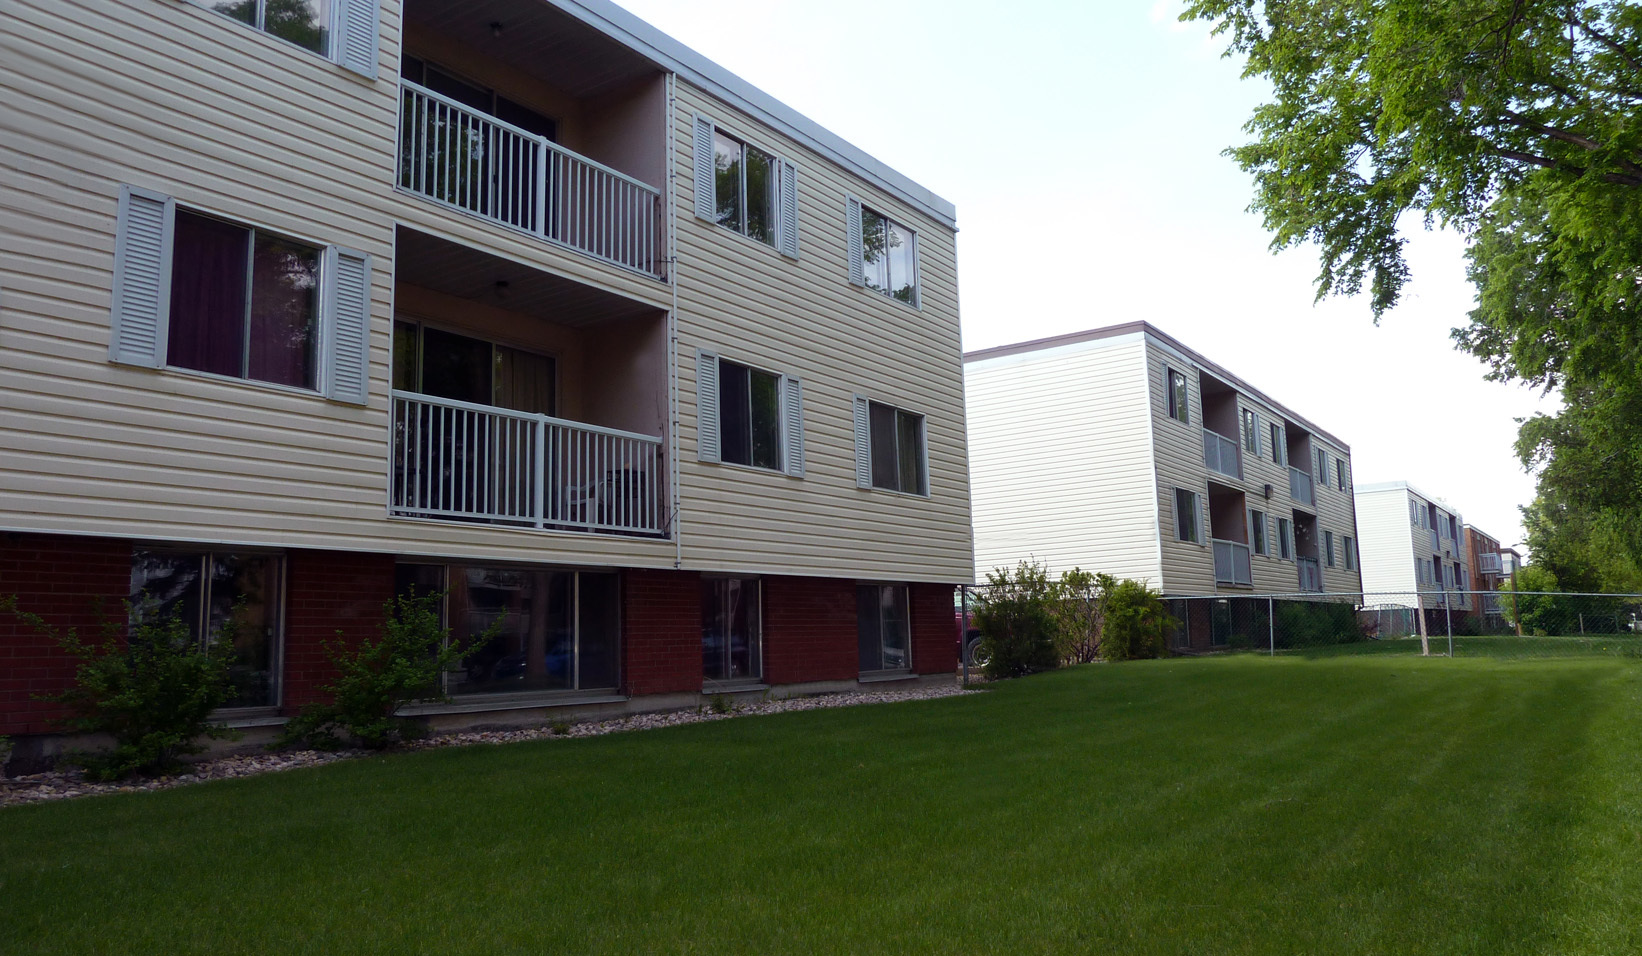 10710 110 Street NW, Edmonton, AB - $699